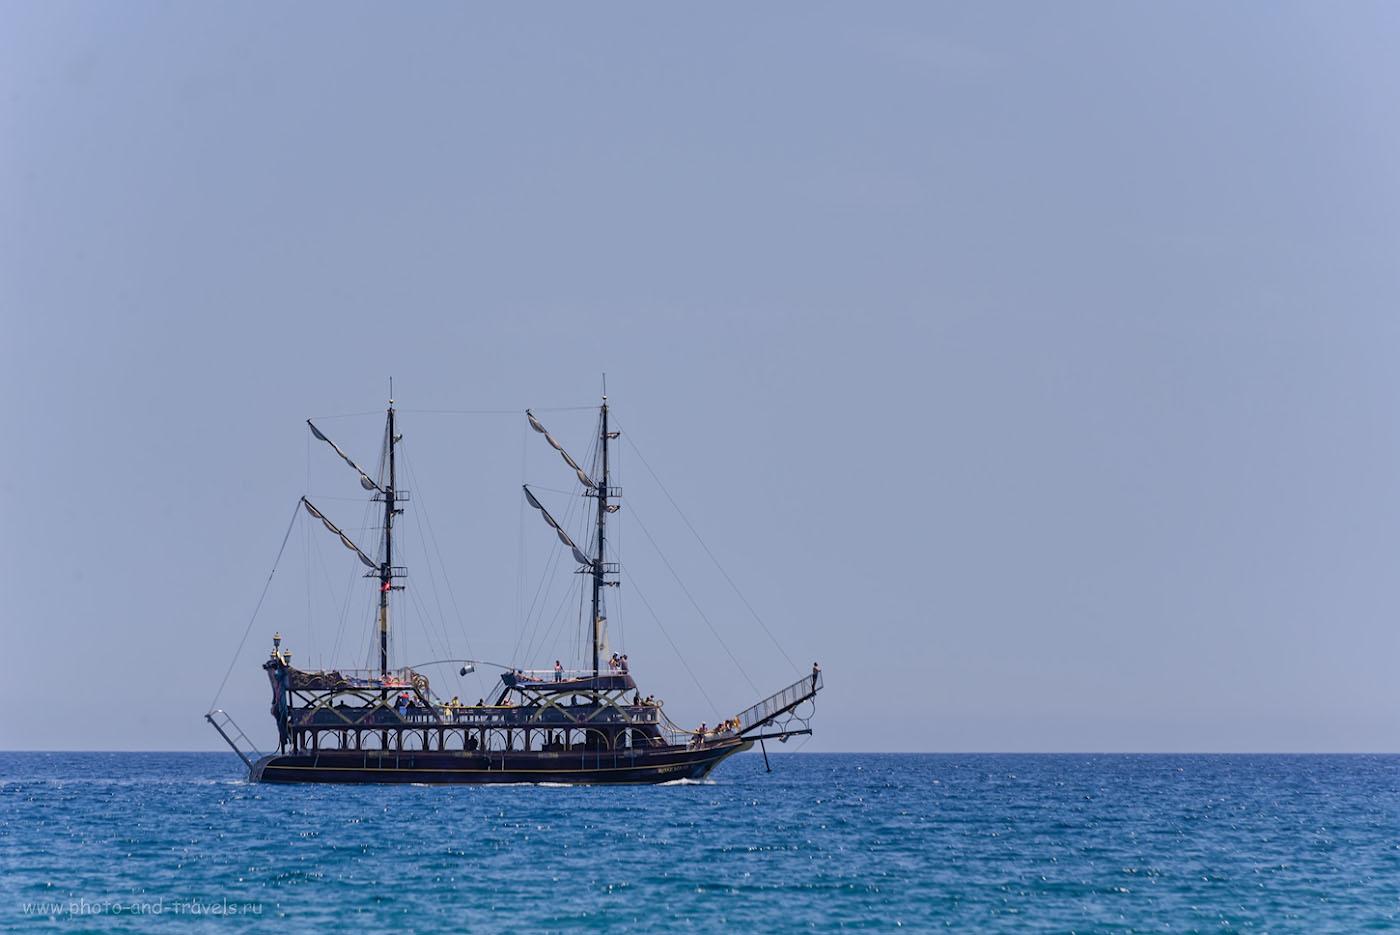 Фото 24. На такой яхте туристы отправляются на экскурсию «Демре – Мира – Кекова», которую я нахваливал в начале отзыва, и советовал на неё попасть, если будете отдыхать в Кемере. Фотокамера Nikon D610, телеобъектив Nikon 70-300. 1/250, 0.67, 8.0, 100, 280.